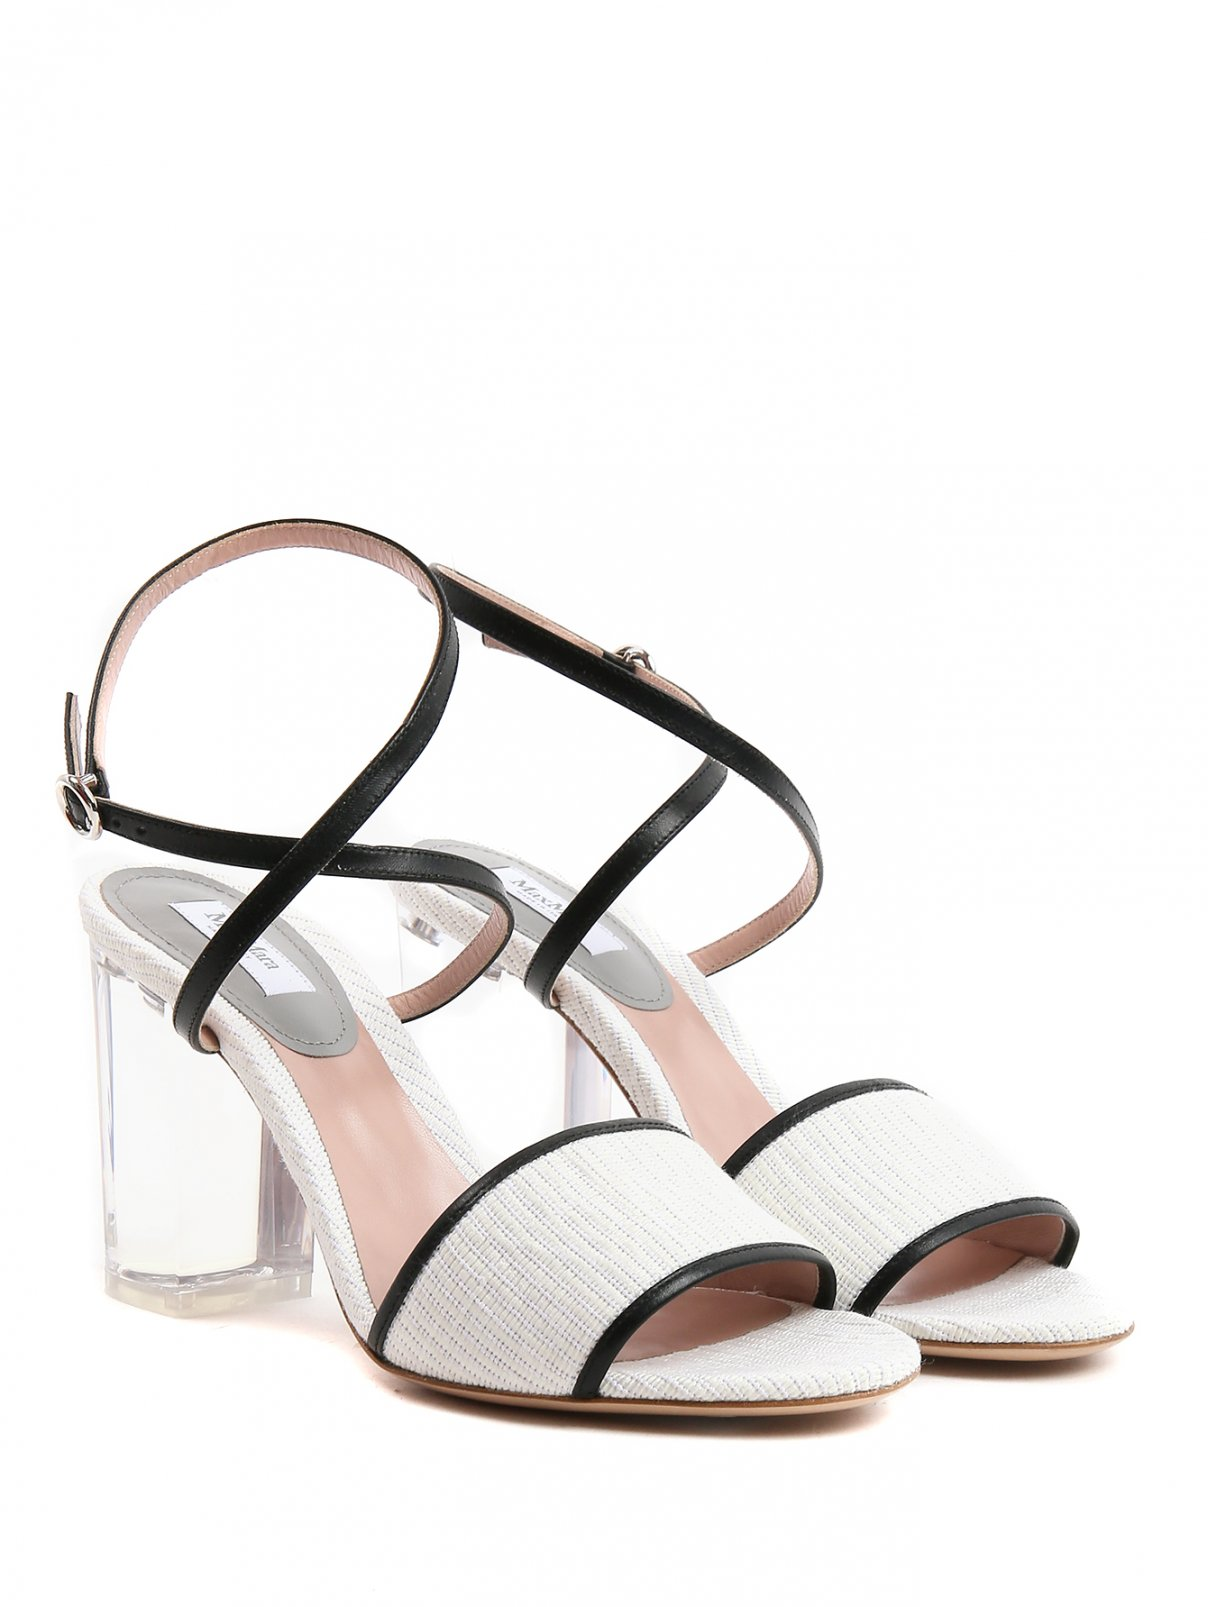 Босоножки из текстиля на прозрачном каблуке Max Mara  –  Общий вид  – Цвет:  Белый